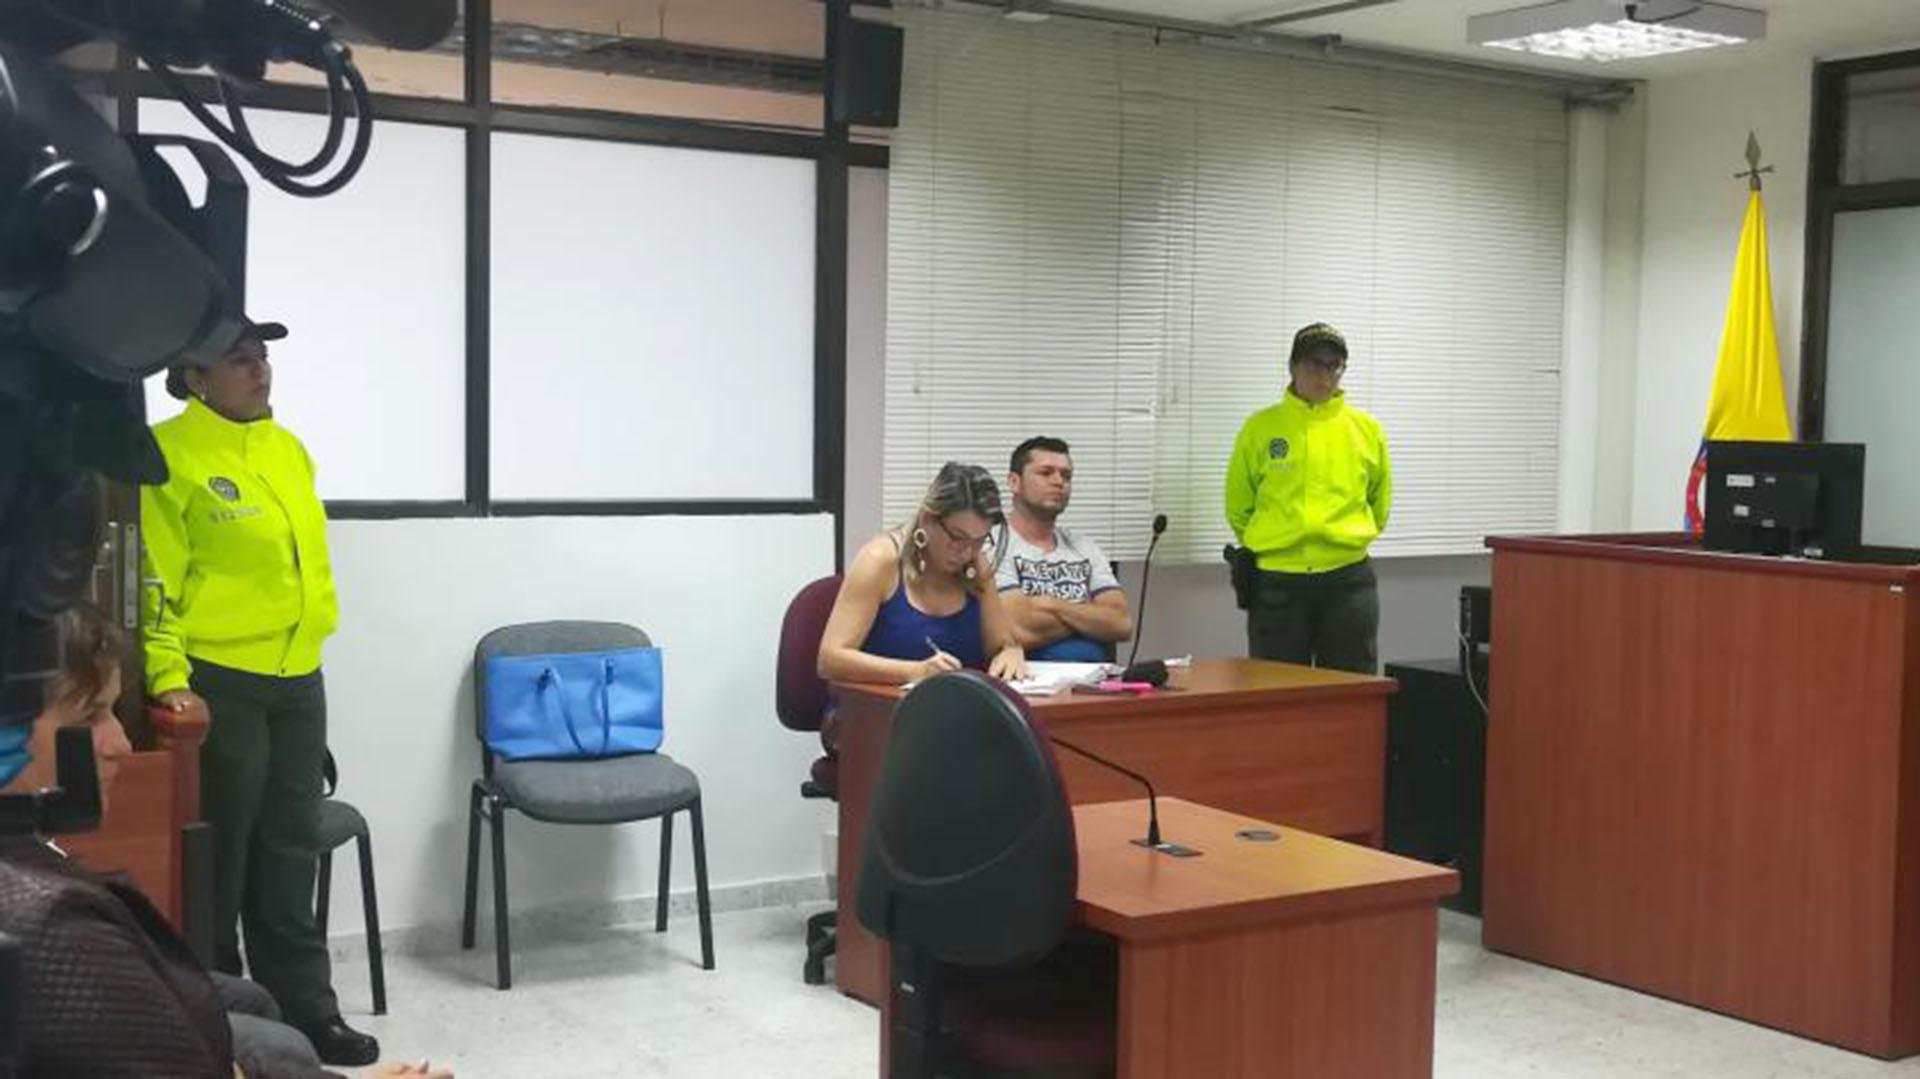 Jonathan Peña Velasco, de 36 años, será judicializado por los cargos de acceso carnal y abuso, y acceso carnal a menor de 14 años